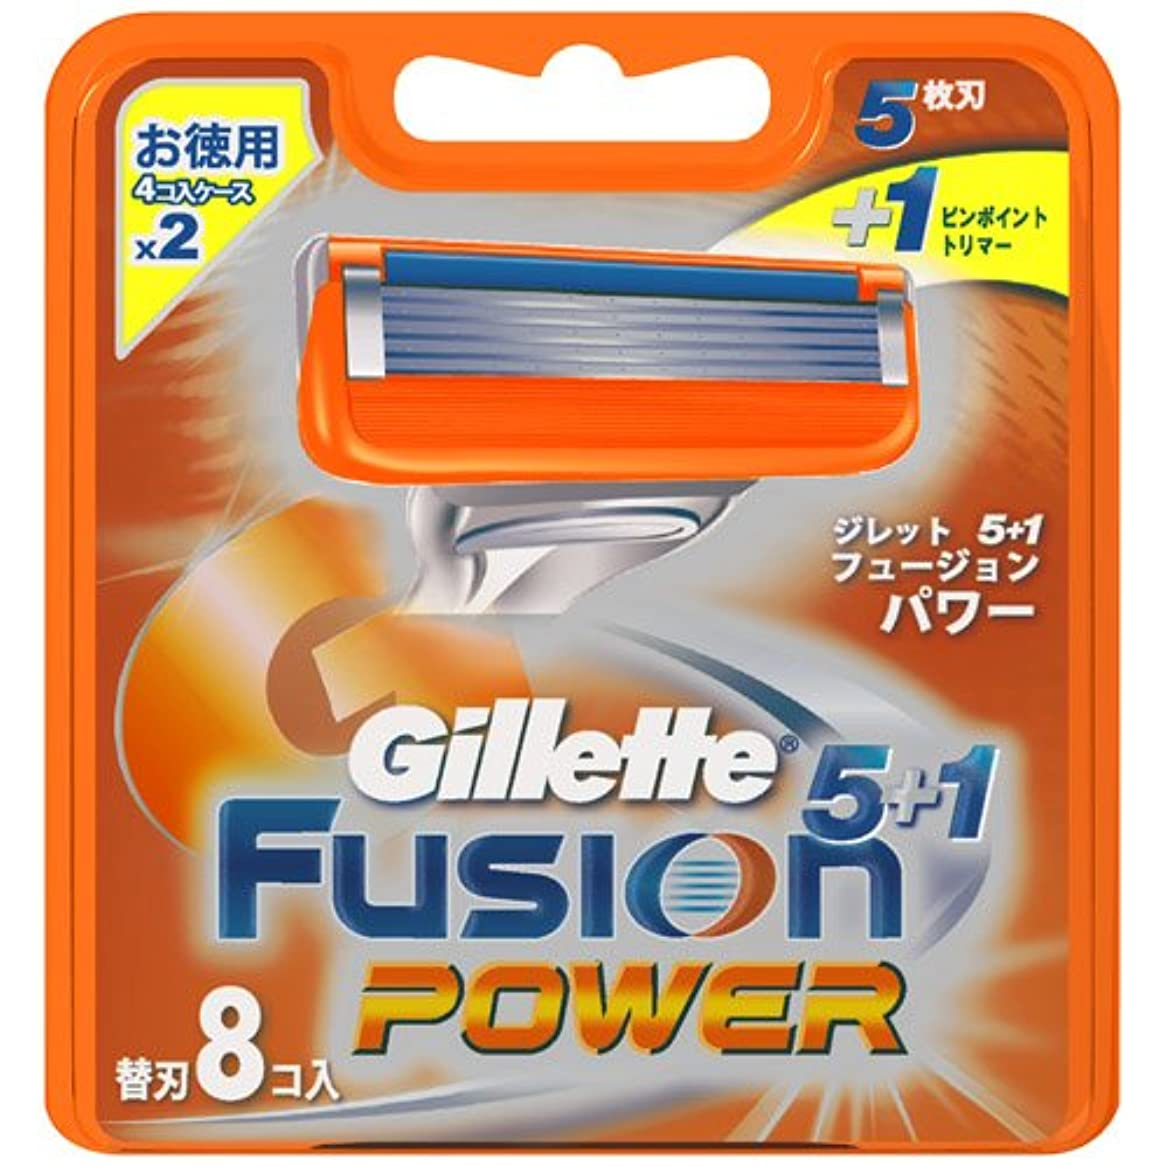 手配するセクション事務所ジレット フュージョン5+1パワー 専用替刃 8B